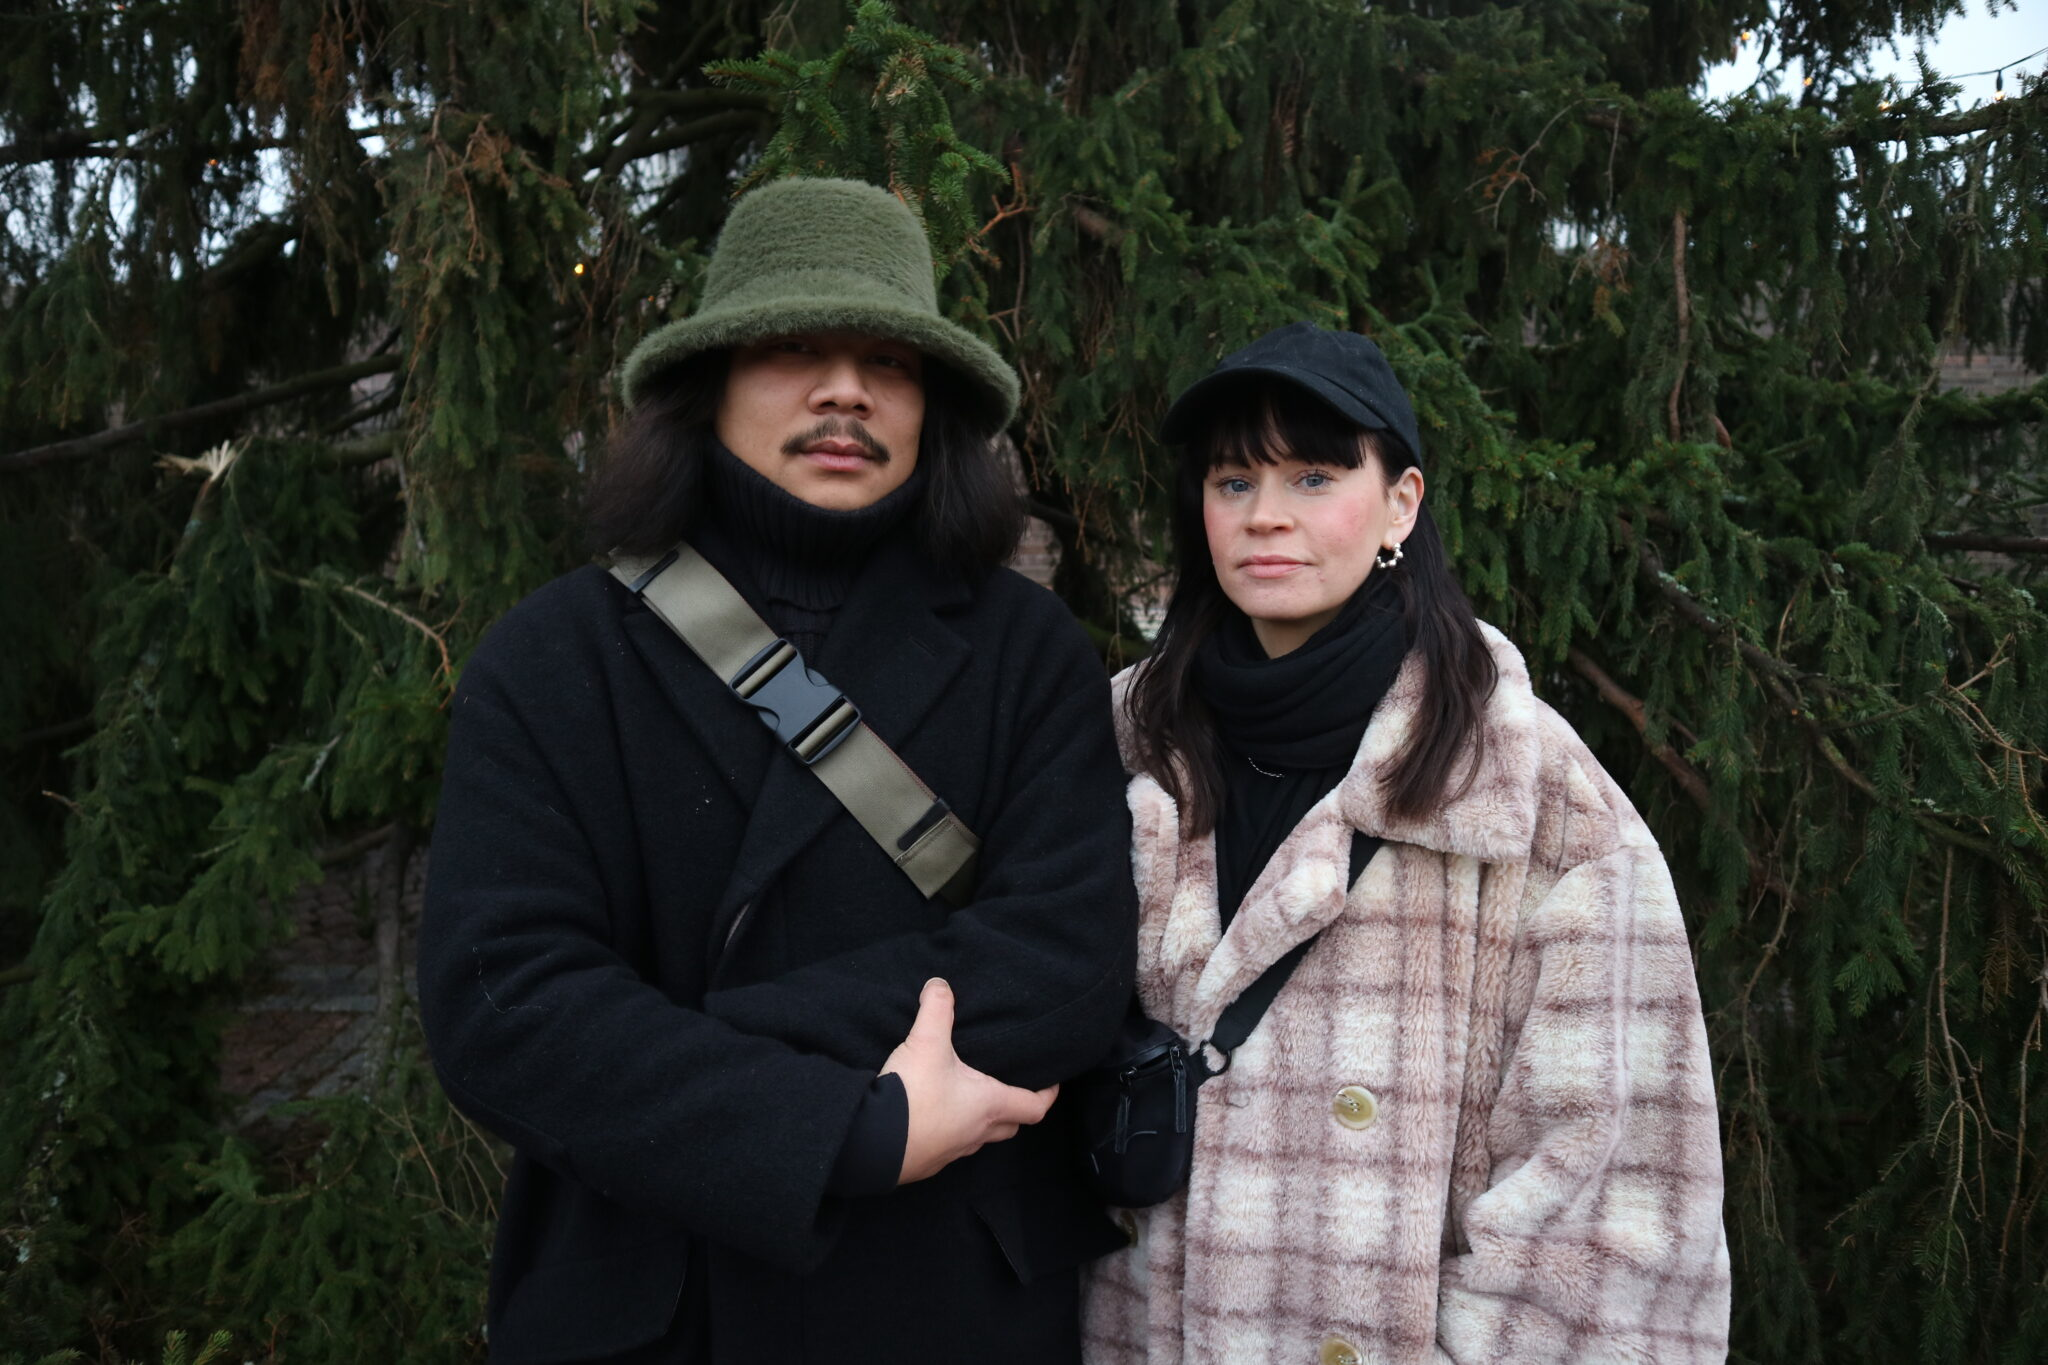 Heiskanen ja Myllymäki seisovat rinnakkain, katsovat kameraan. Taustalla havupuu.